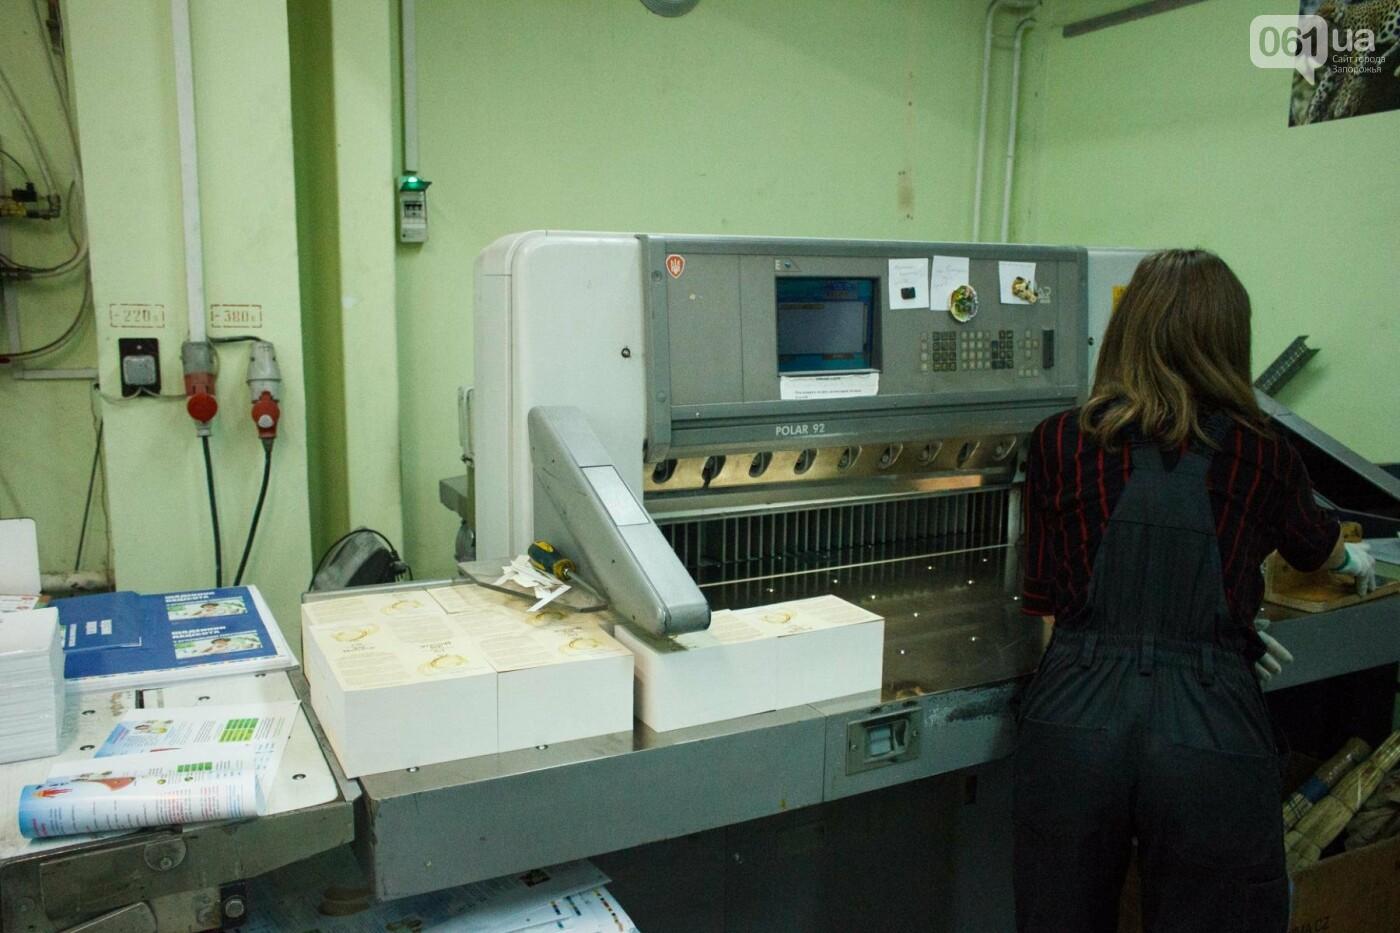 Как в Запорожье печатают газеты: экскурсия в типографию, - ФОТО, ВИДЕО, фото-31